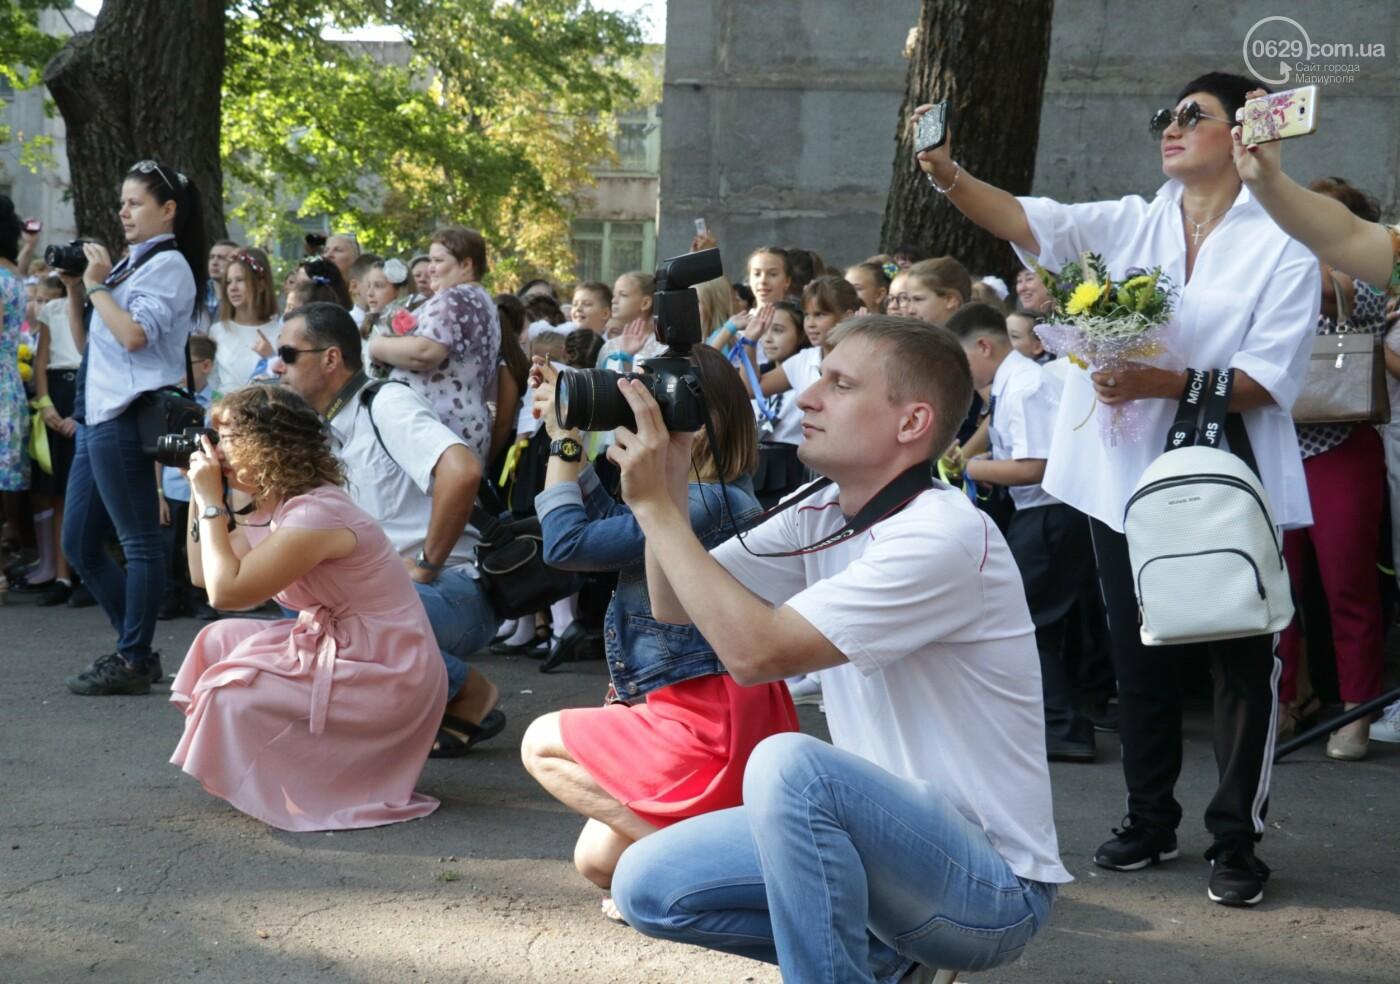 Первый звонок в Новой украинской школе: четыре тысячи первоклашек сели за парты в Мариуполе, - ФОТОРЕПОРТАЖ, фото-25